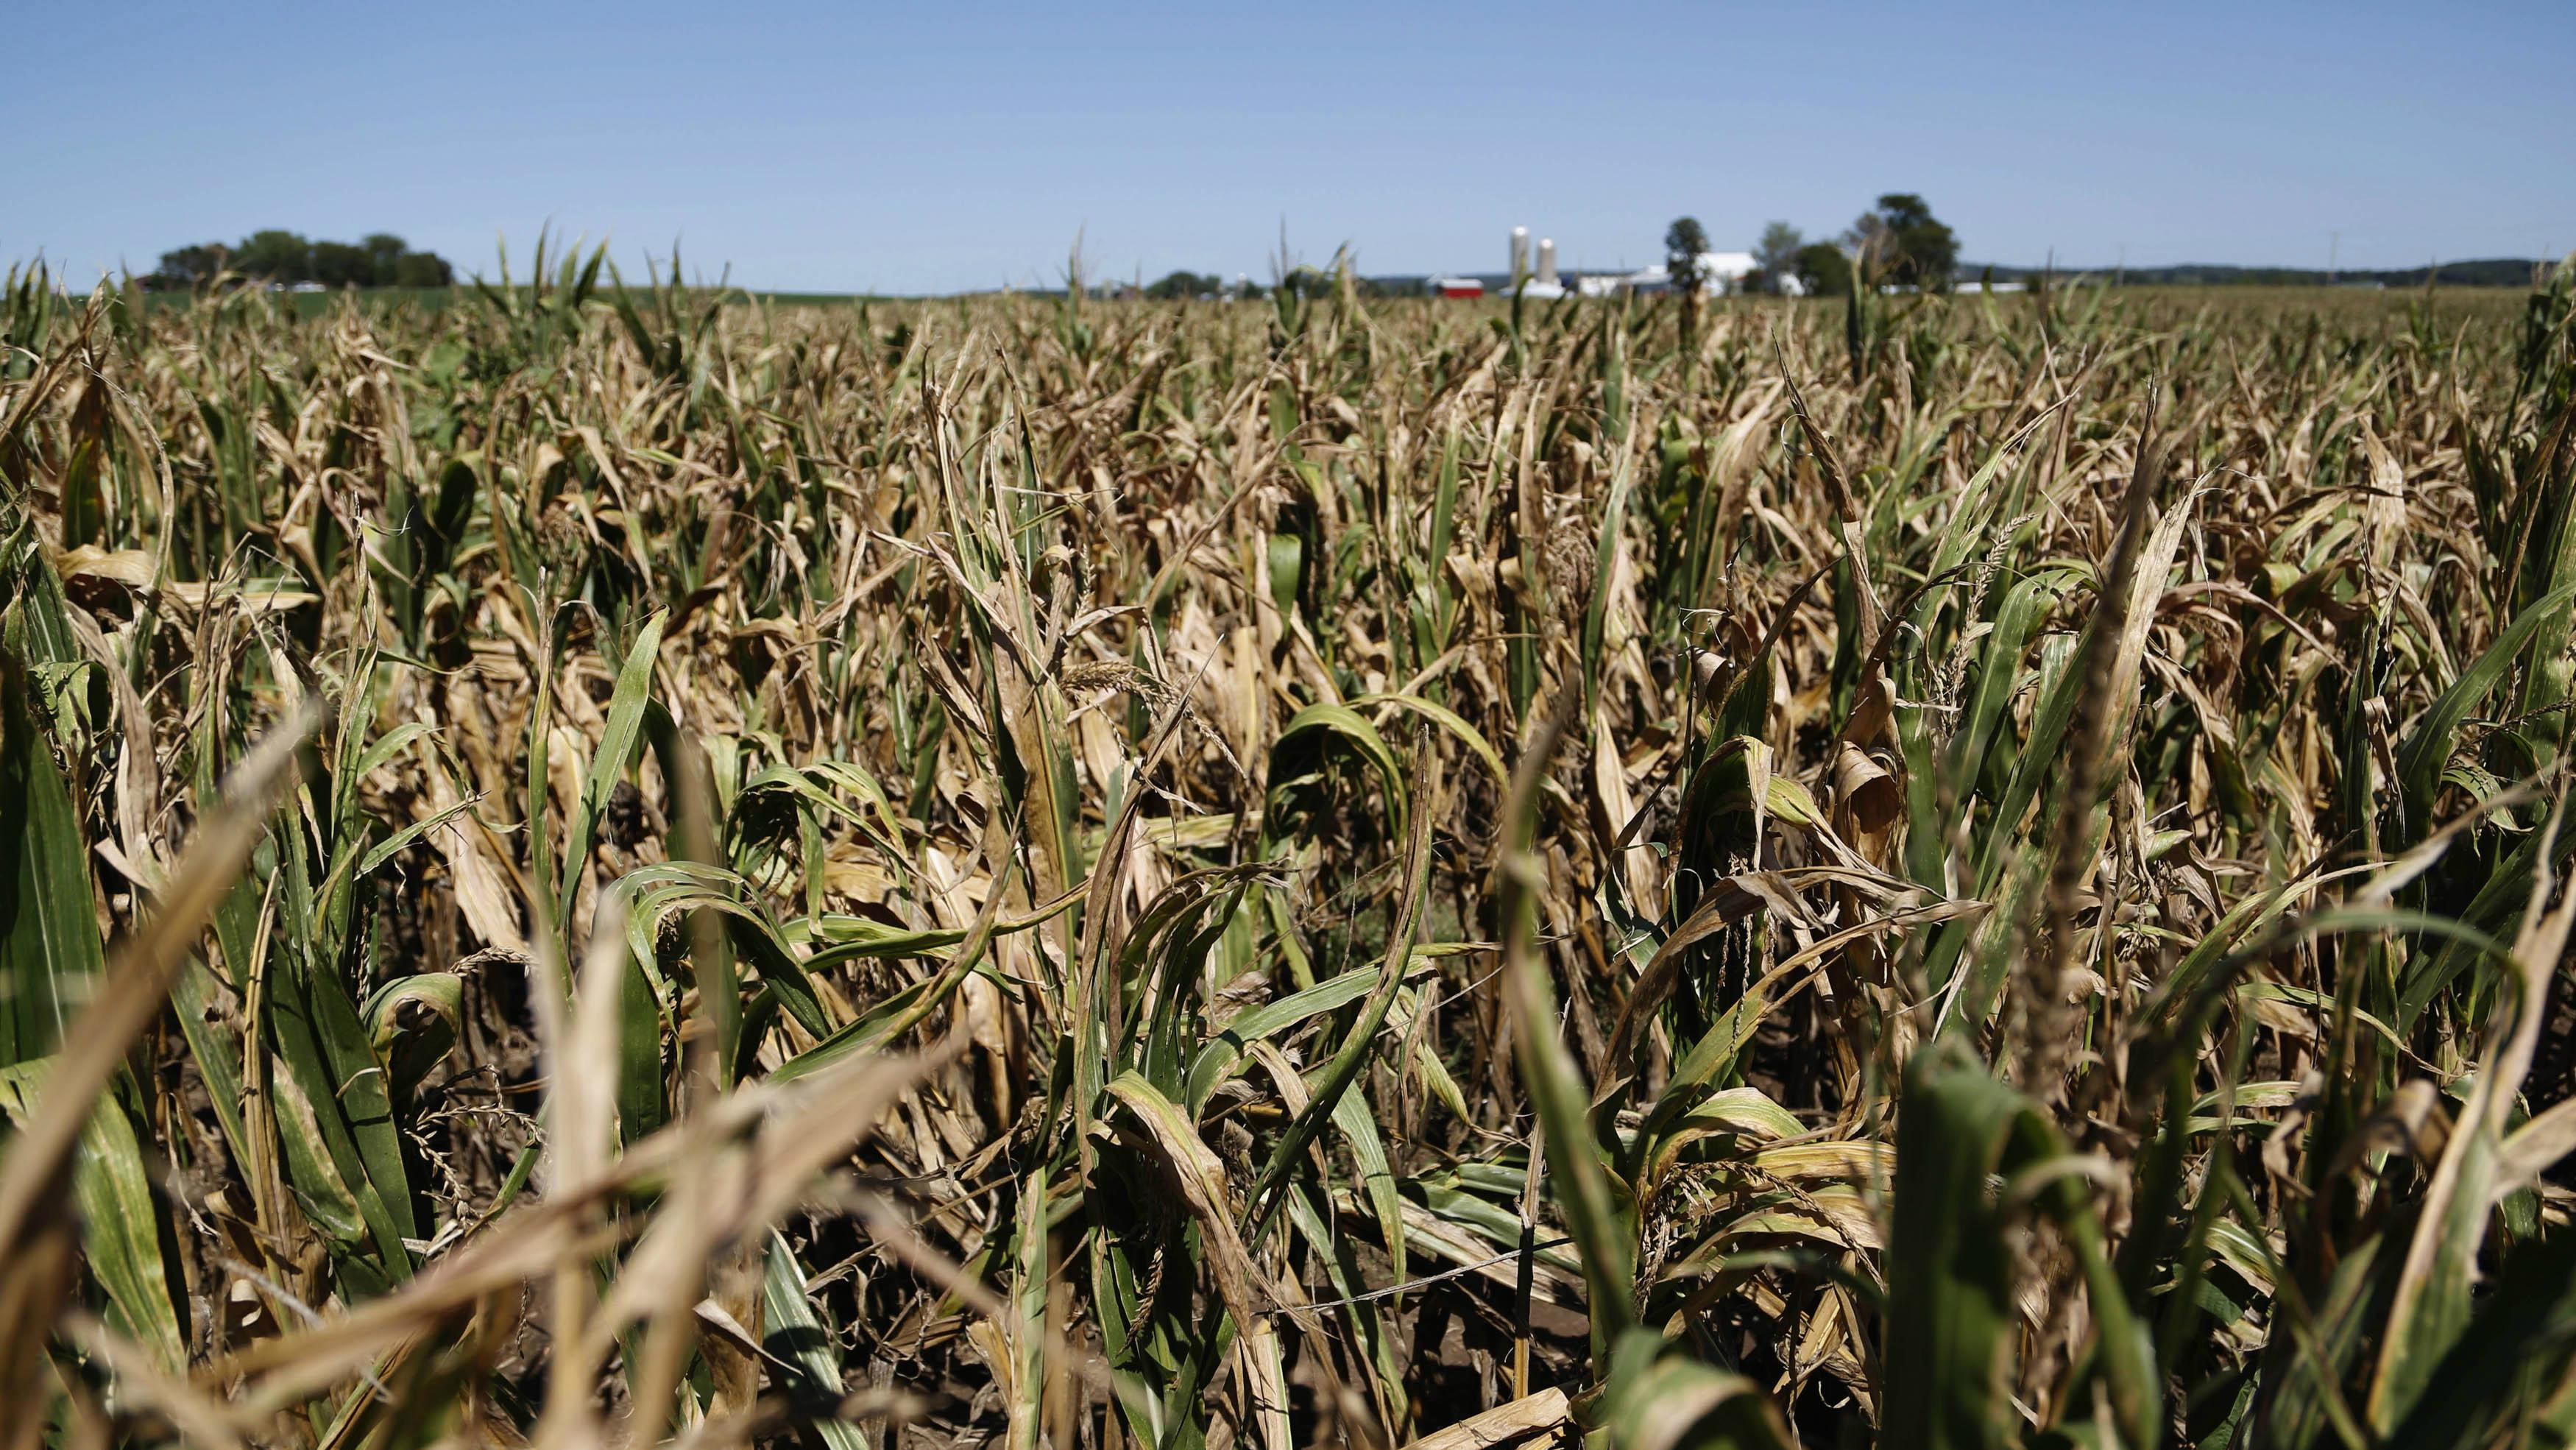 c-corn3-RTR37LJU-Darren Hauck